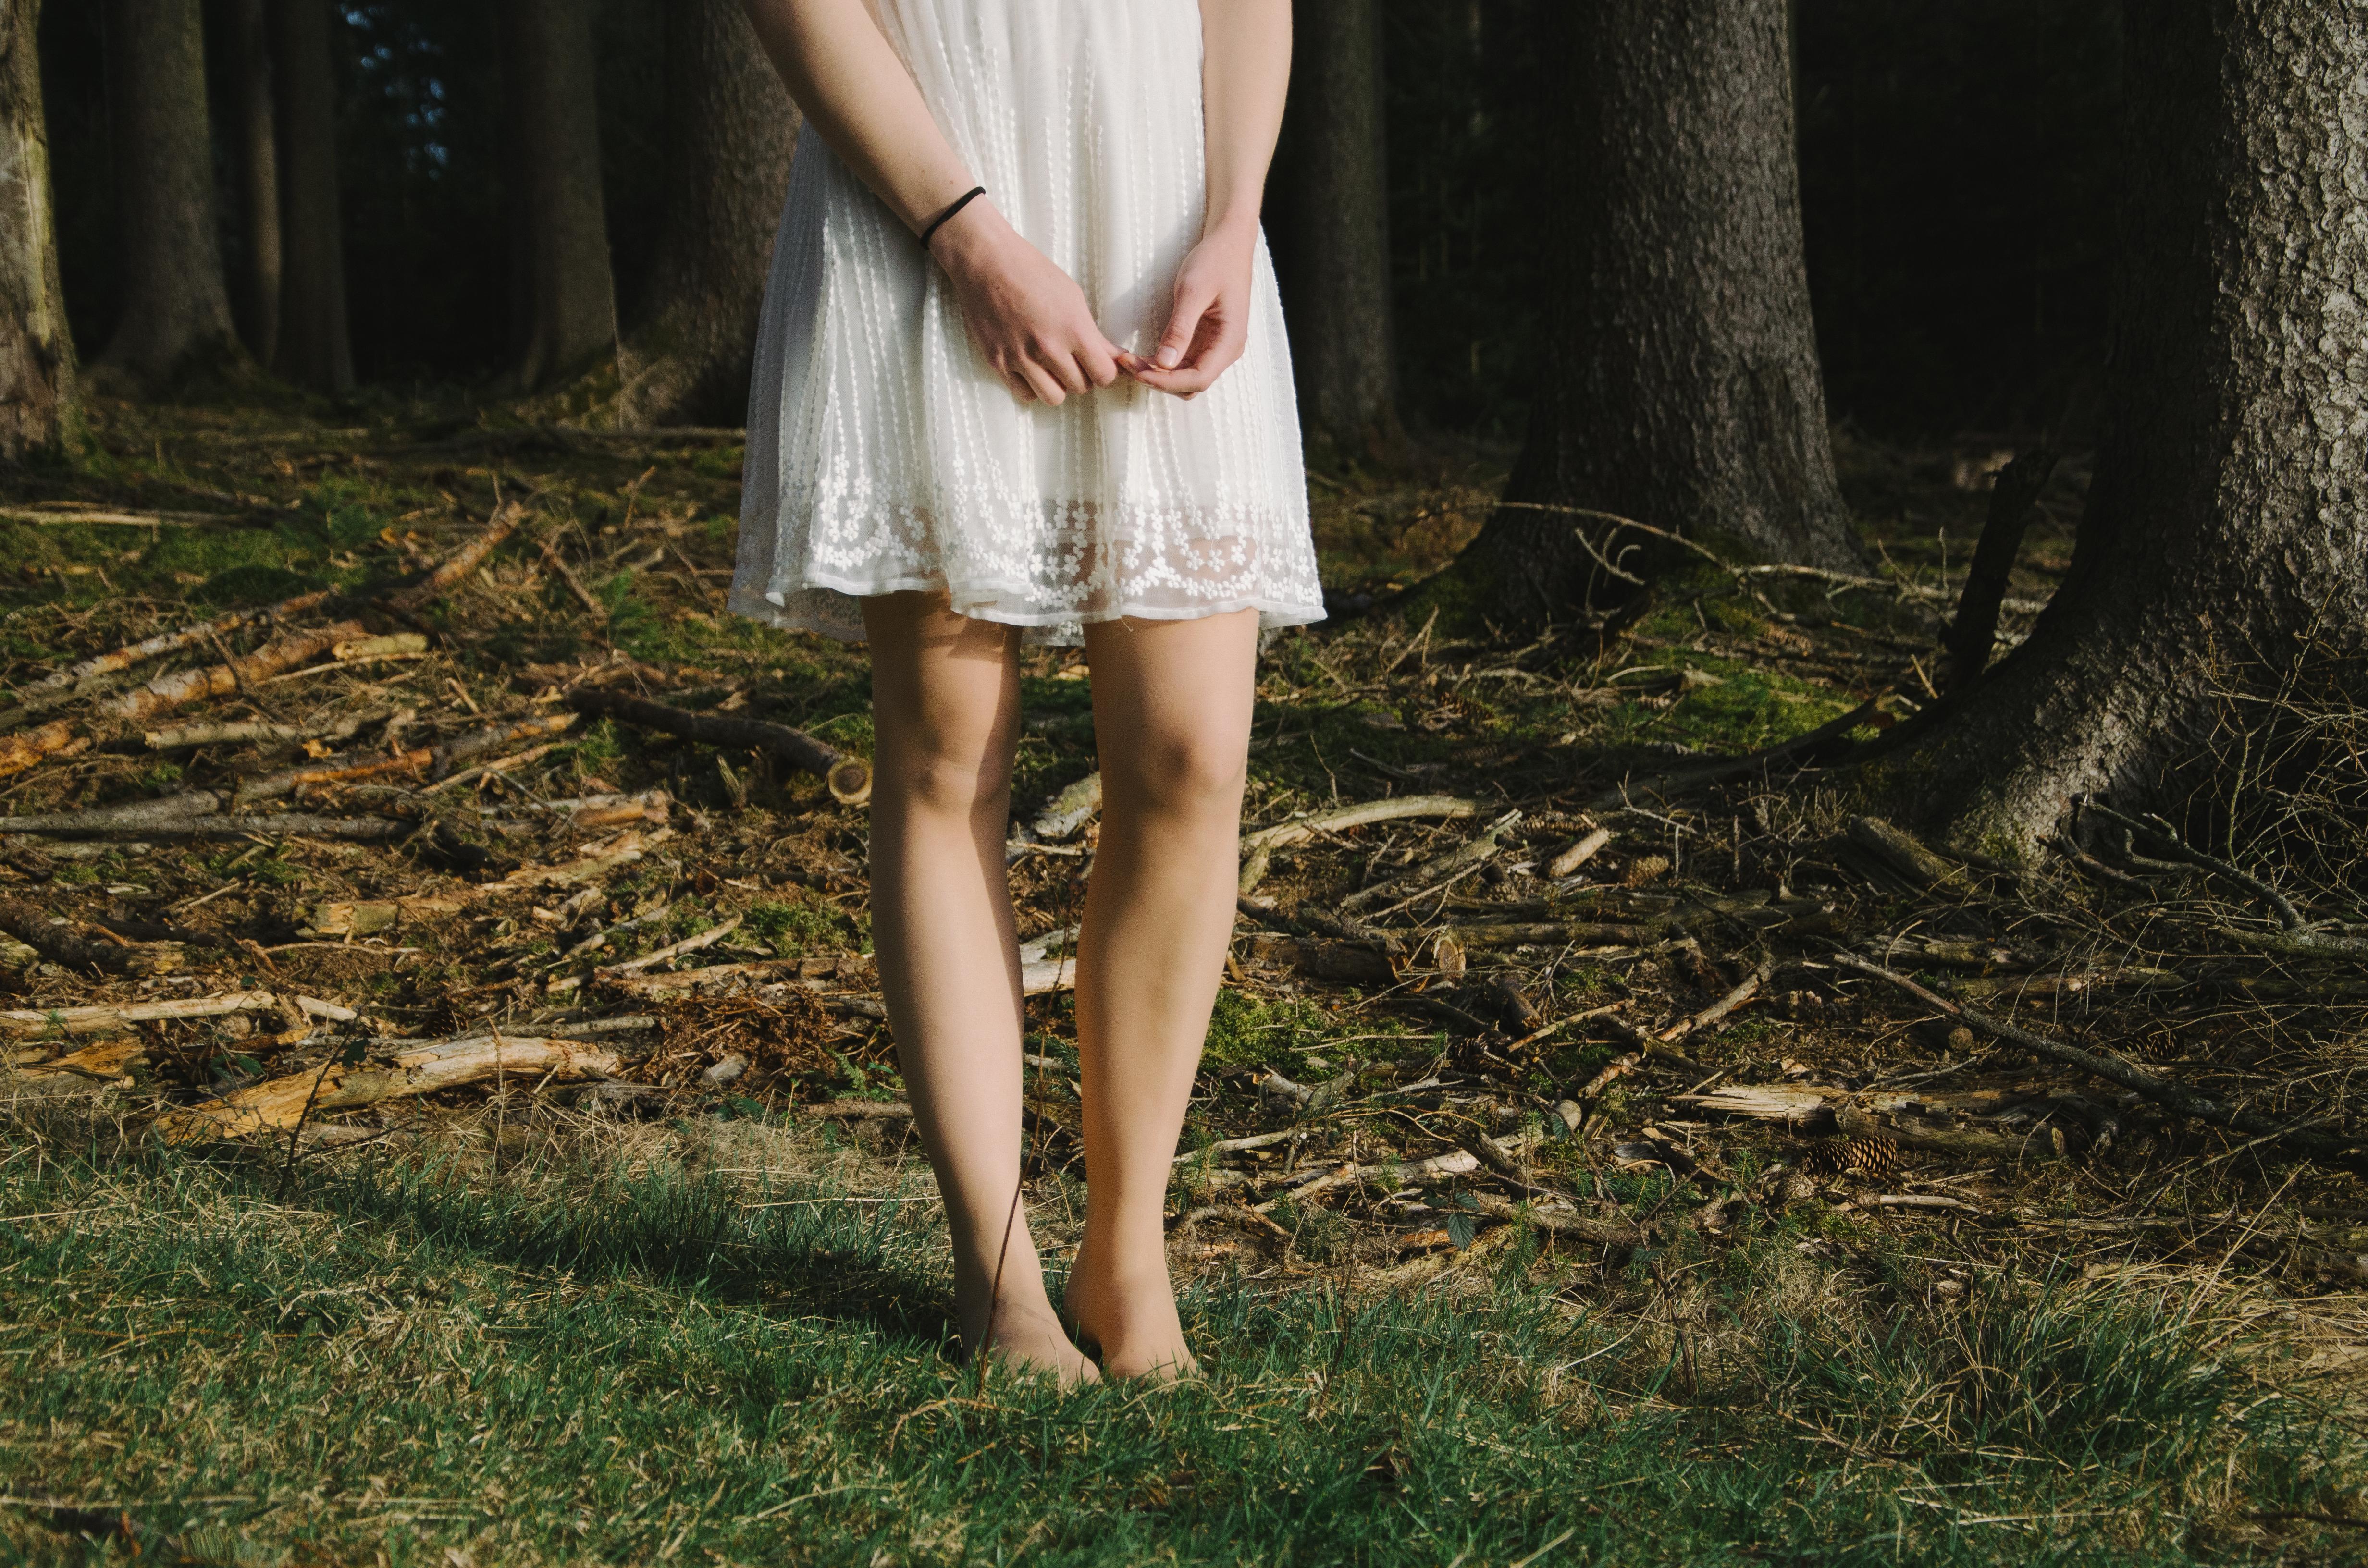 Girl legs